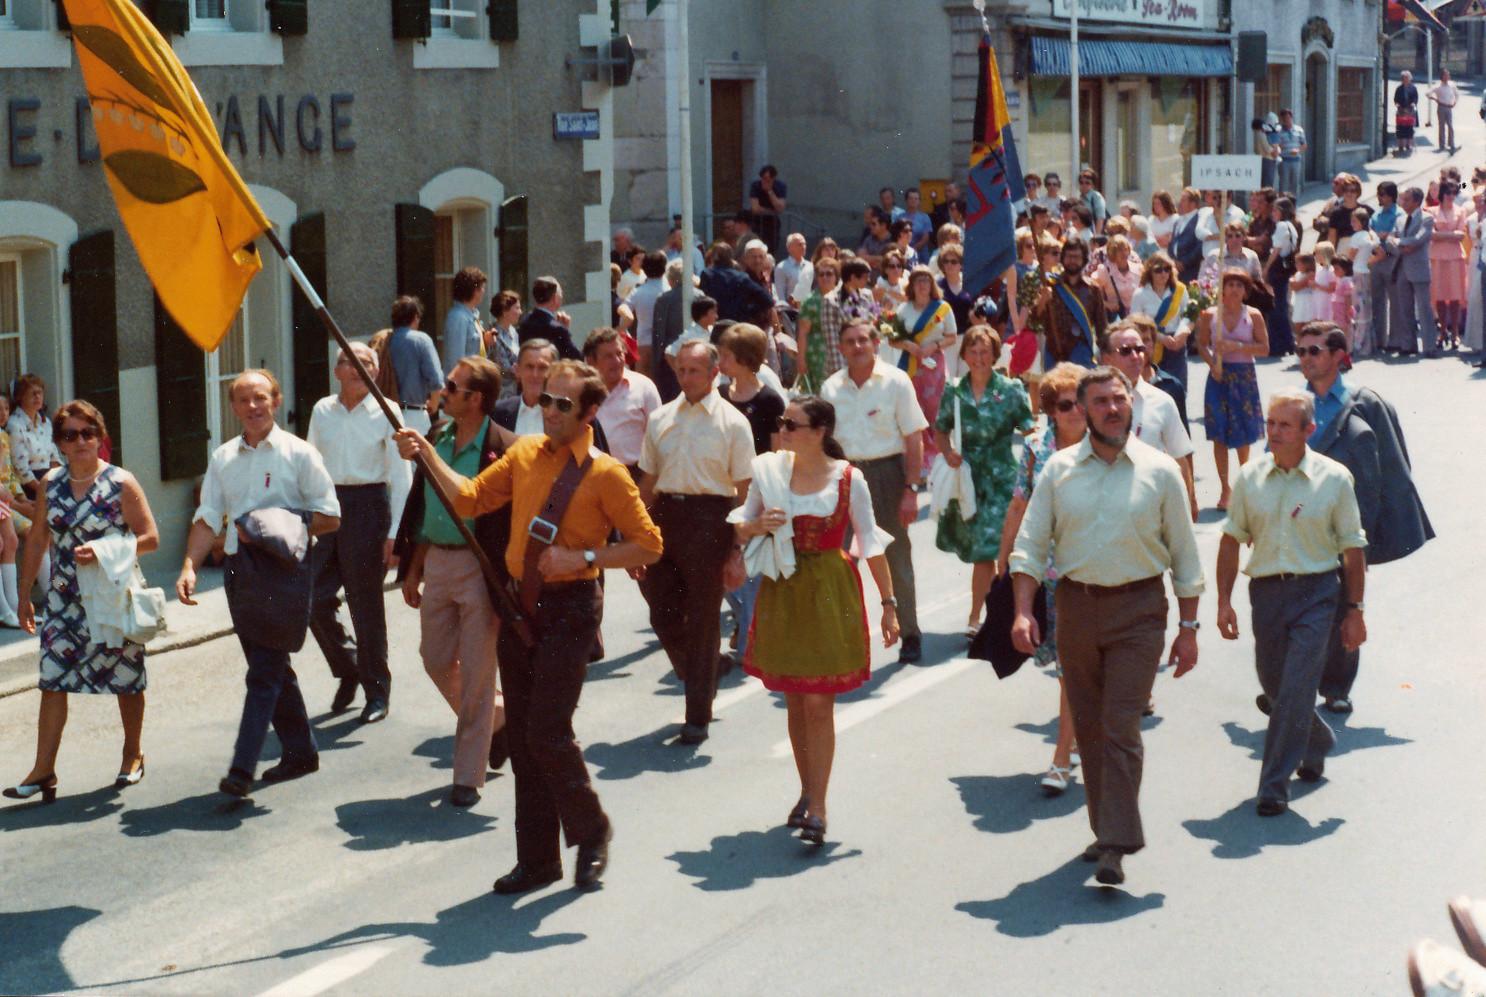 Sängerfest Nyon VD 21./22.6.1975::Foto zur Verfügung gestellt von Martha Hauser